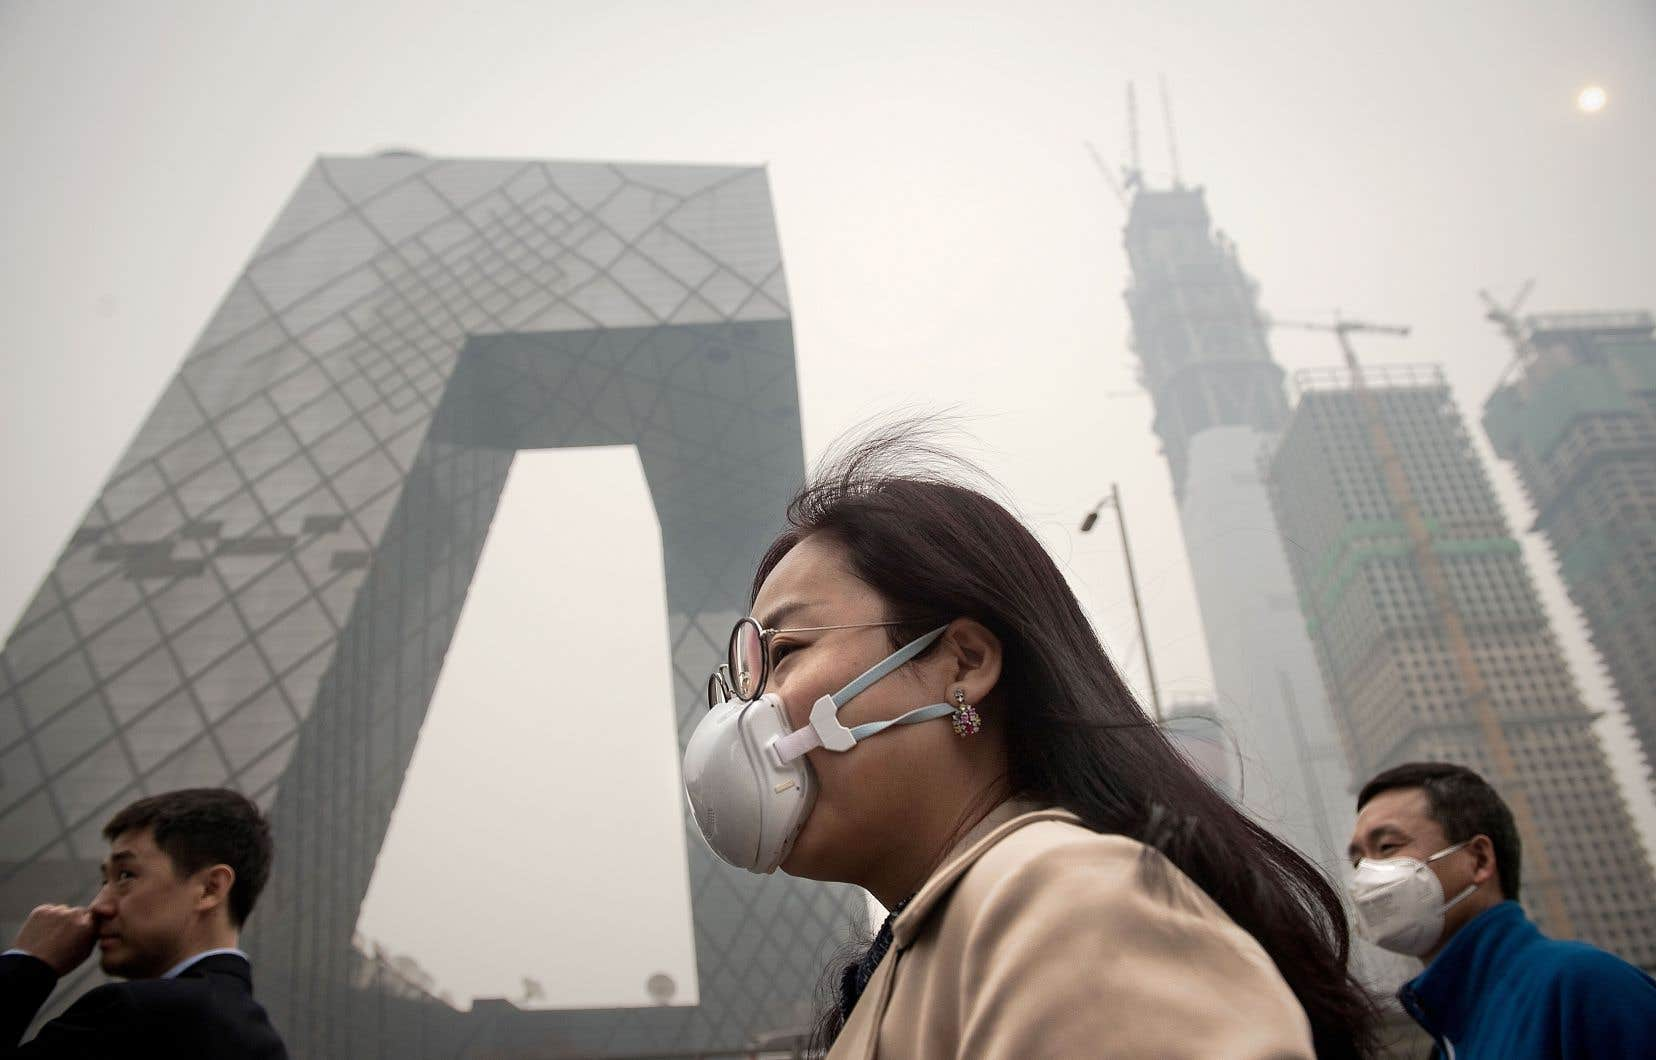 Parmi les 42 pays qui émettent le plus de GES, avec 80% des émissions mondiales, un peu plus de la moitié seulement (54%) ont adopté un système de tarification du carbone.